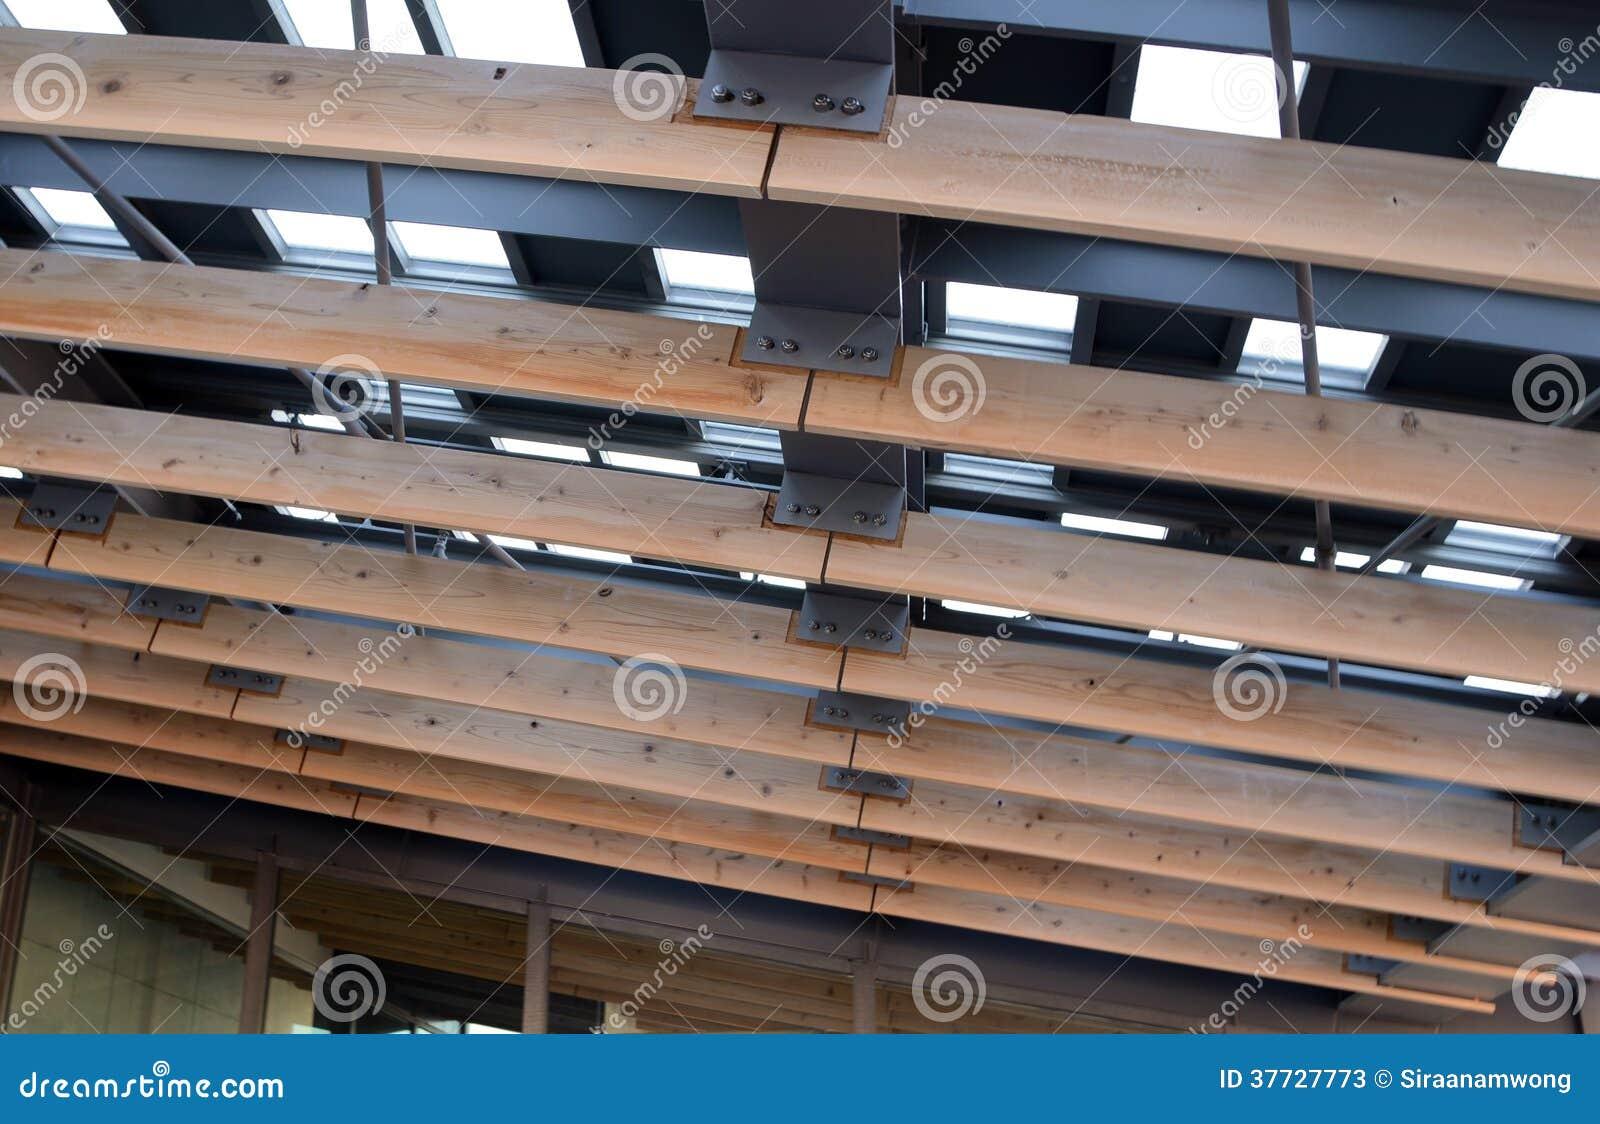 Telhado Do Metal Com Viga De Madeira Fotos de Stock Imagem: 37727773 #876444 1300x930